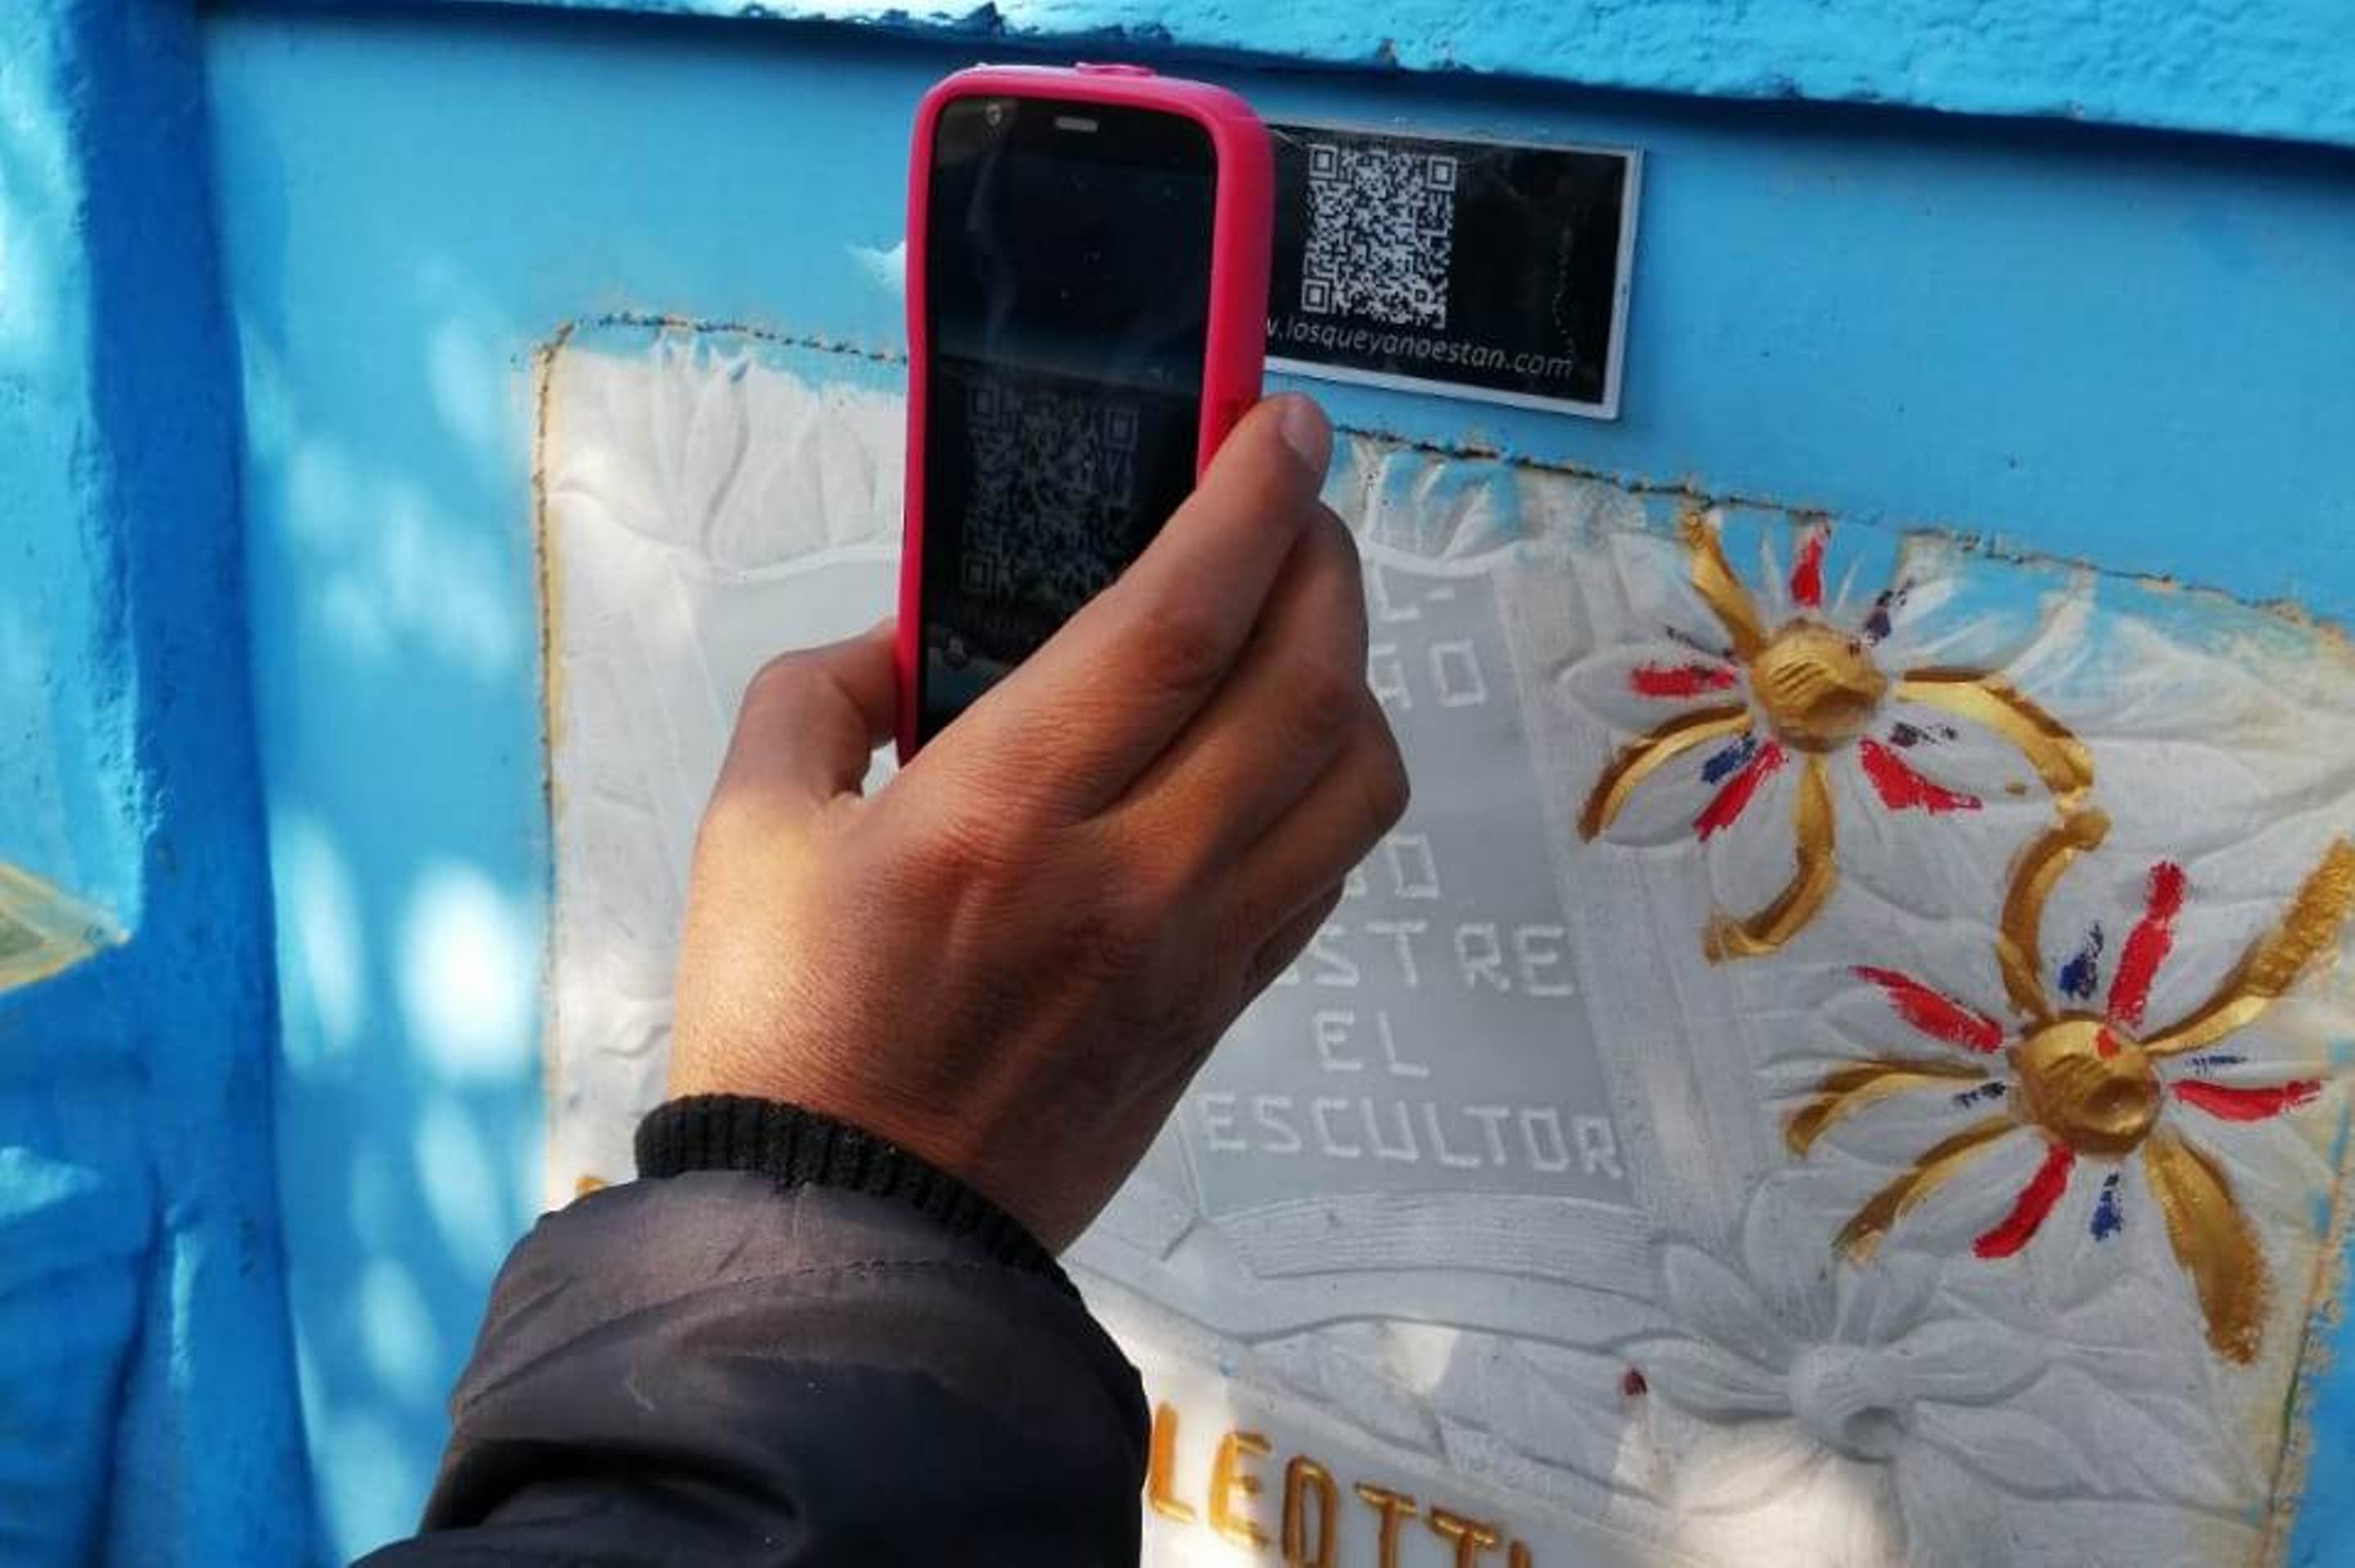 Por medio del código QR los visitantes podrán conocer más de la historia de Xela. (Foto Prensa Libre: María Longo)